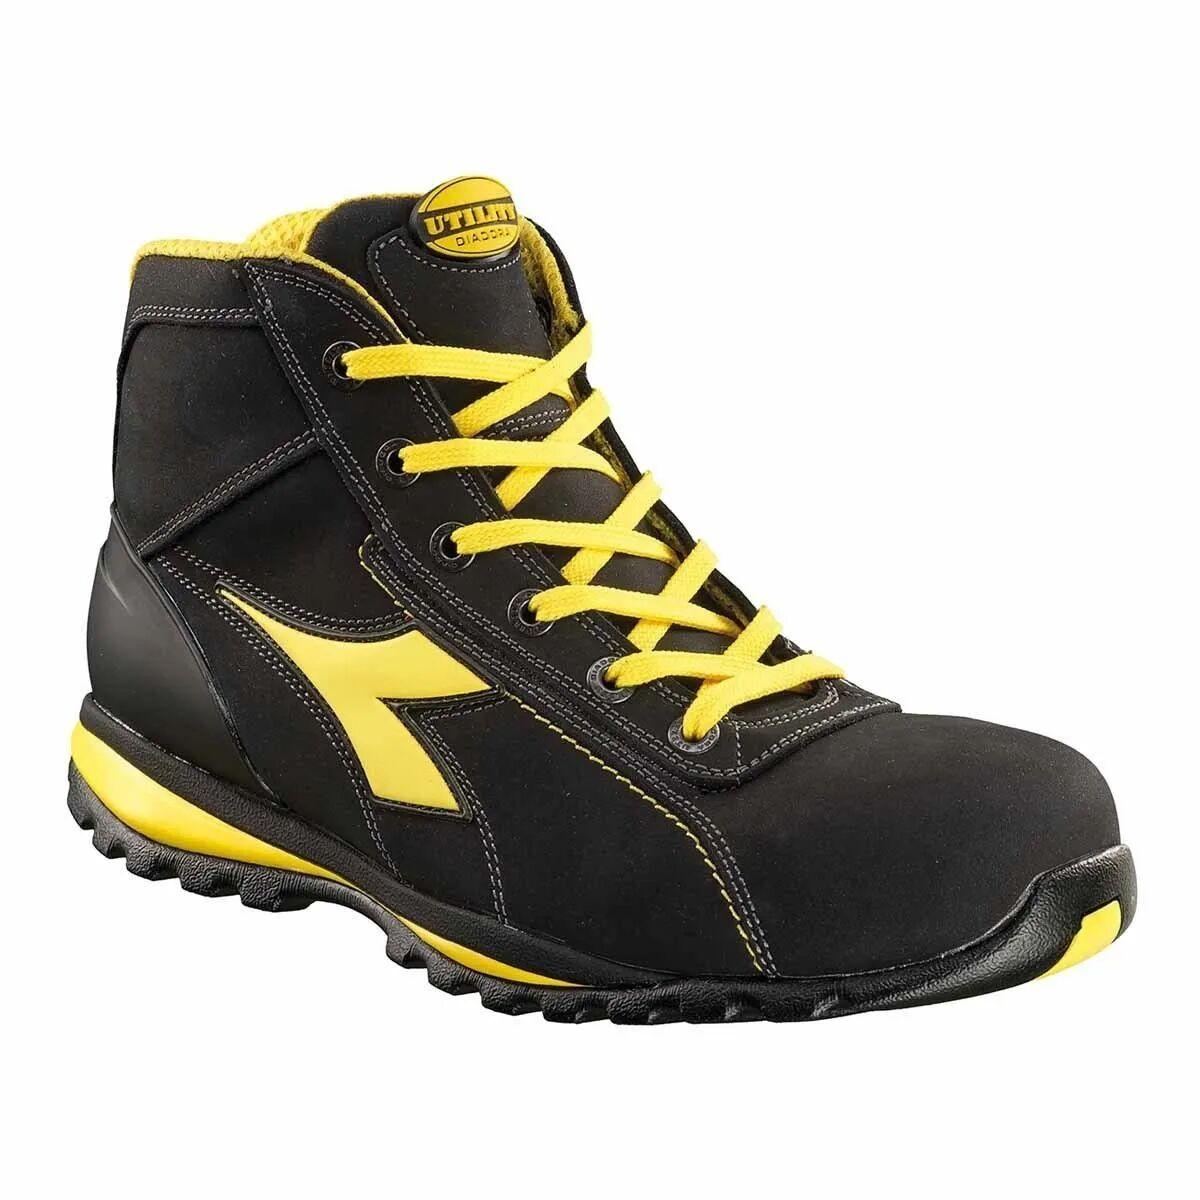 diadora scarpa antinfortunistica 45  glove ii alta classe s3 sra hro nera